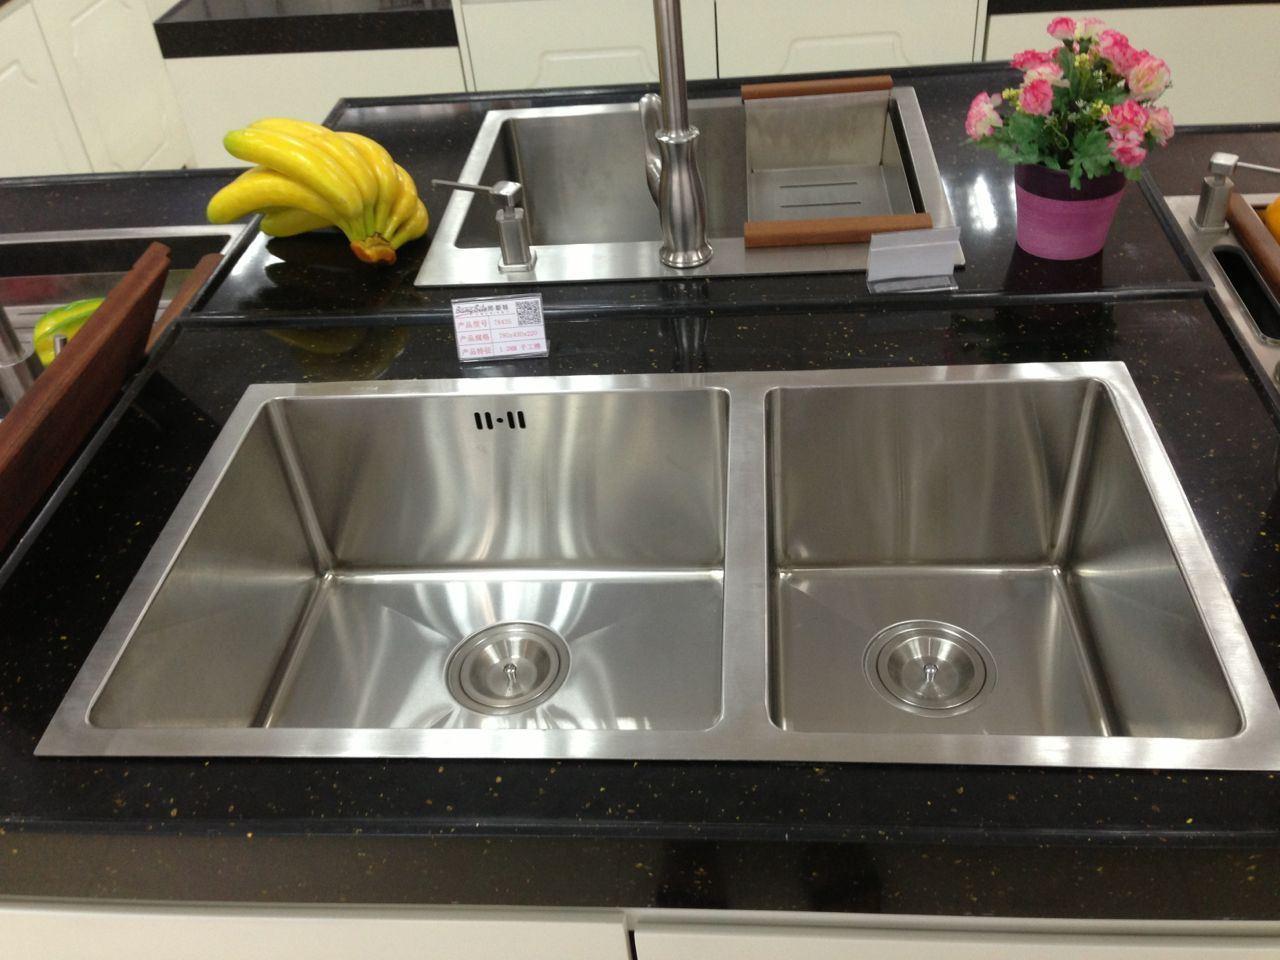 Handmade Stainless Steel Kitchen Sink (7843S)